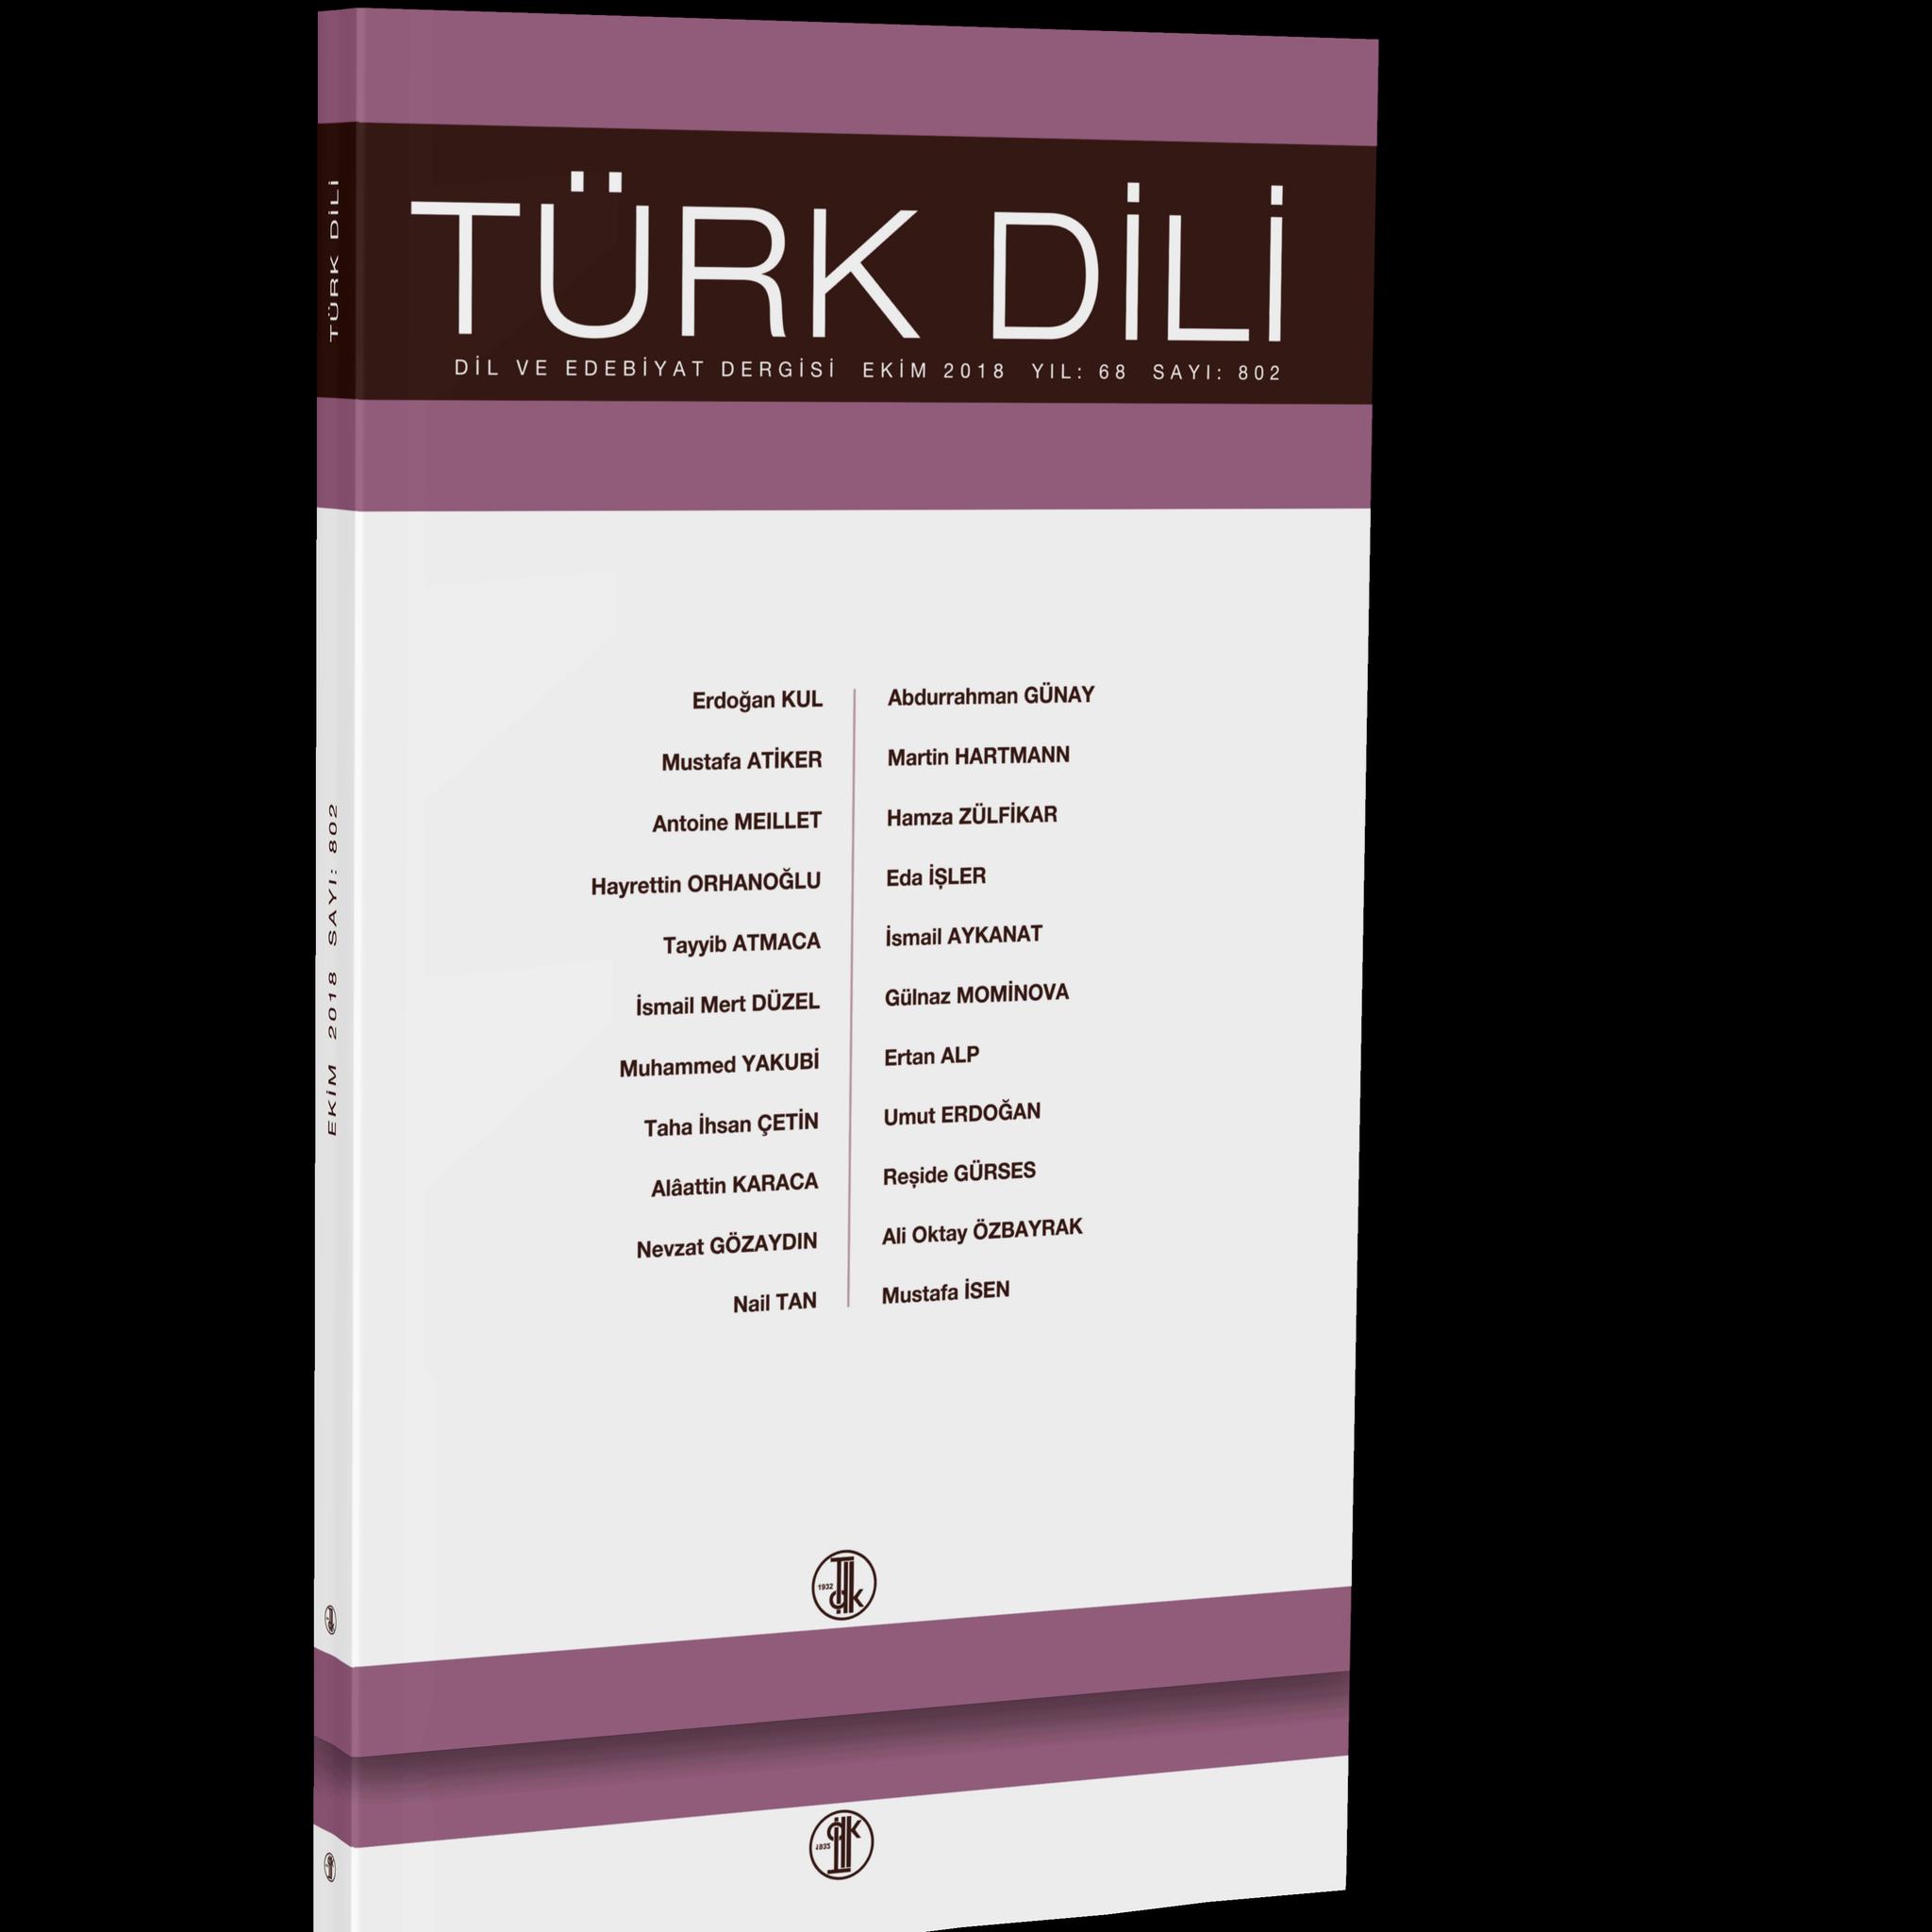 Türk Dili (Ekim 2018), 2018